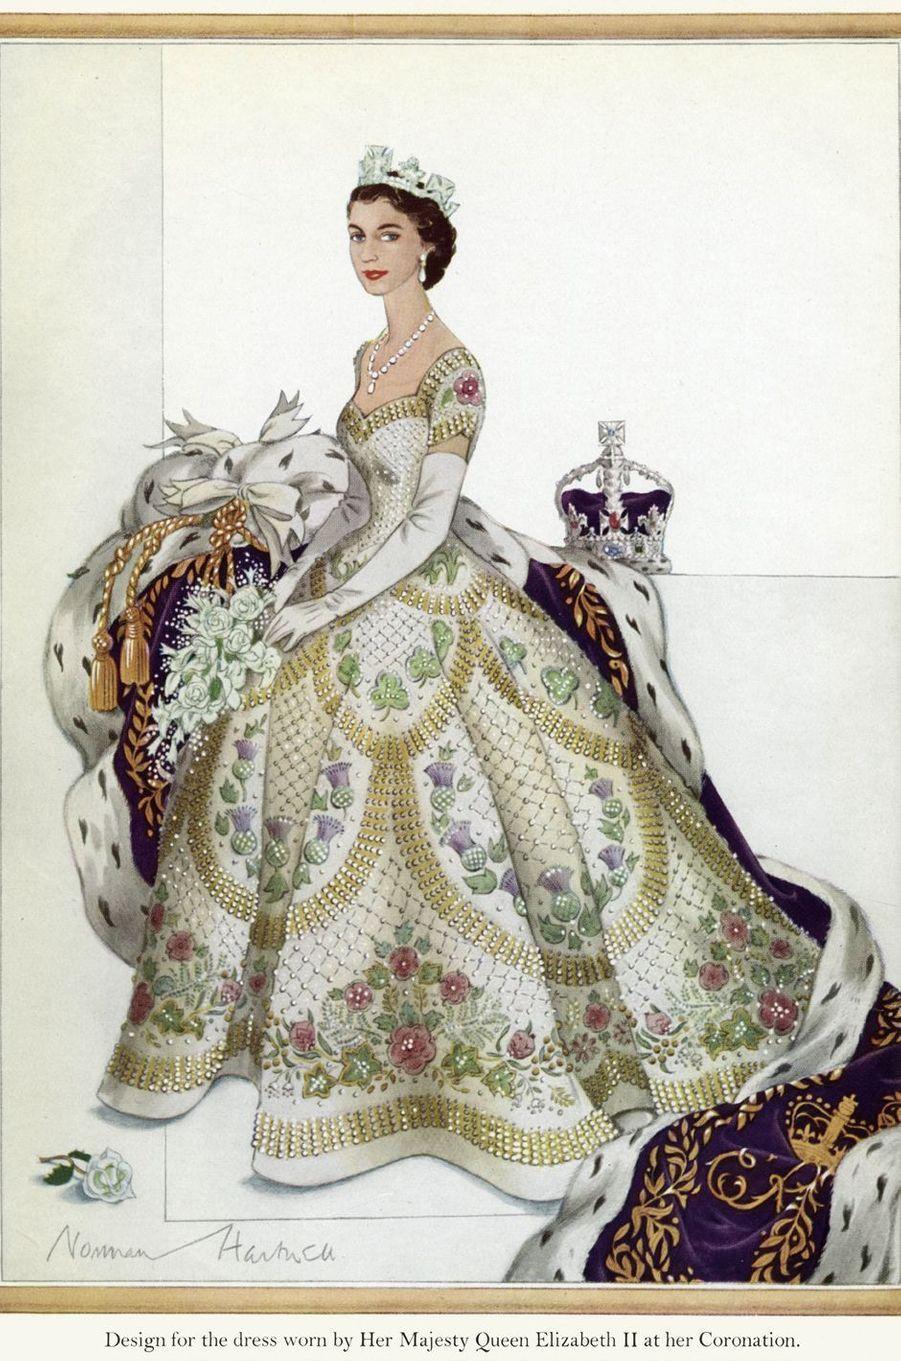 Le modèle choisi par Elizabeth II pour la robe de son couronnement le 2 juin 1953